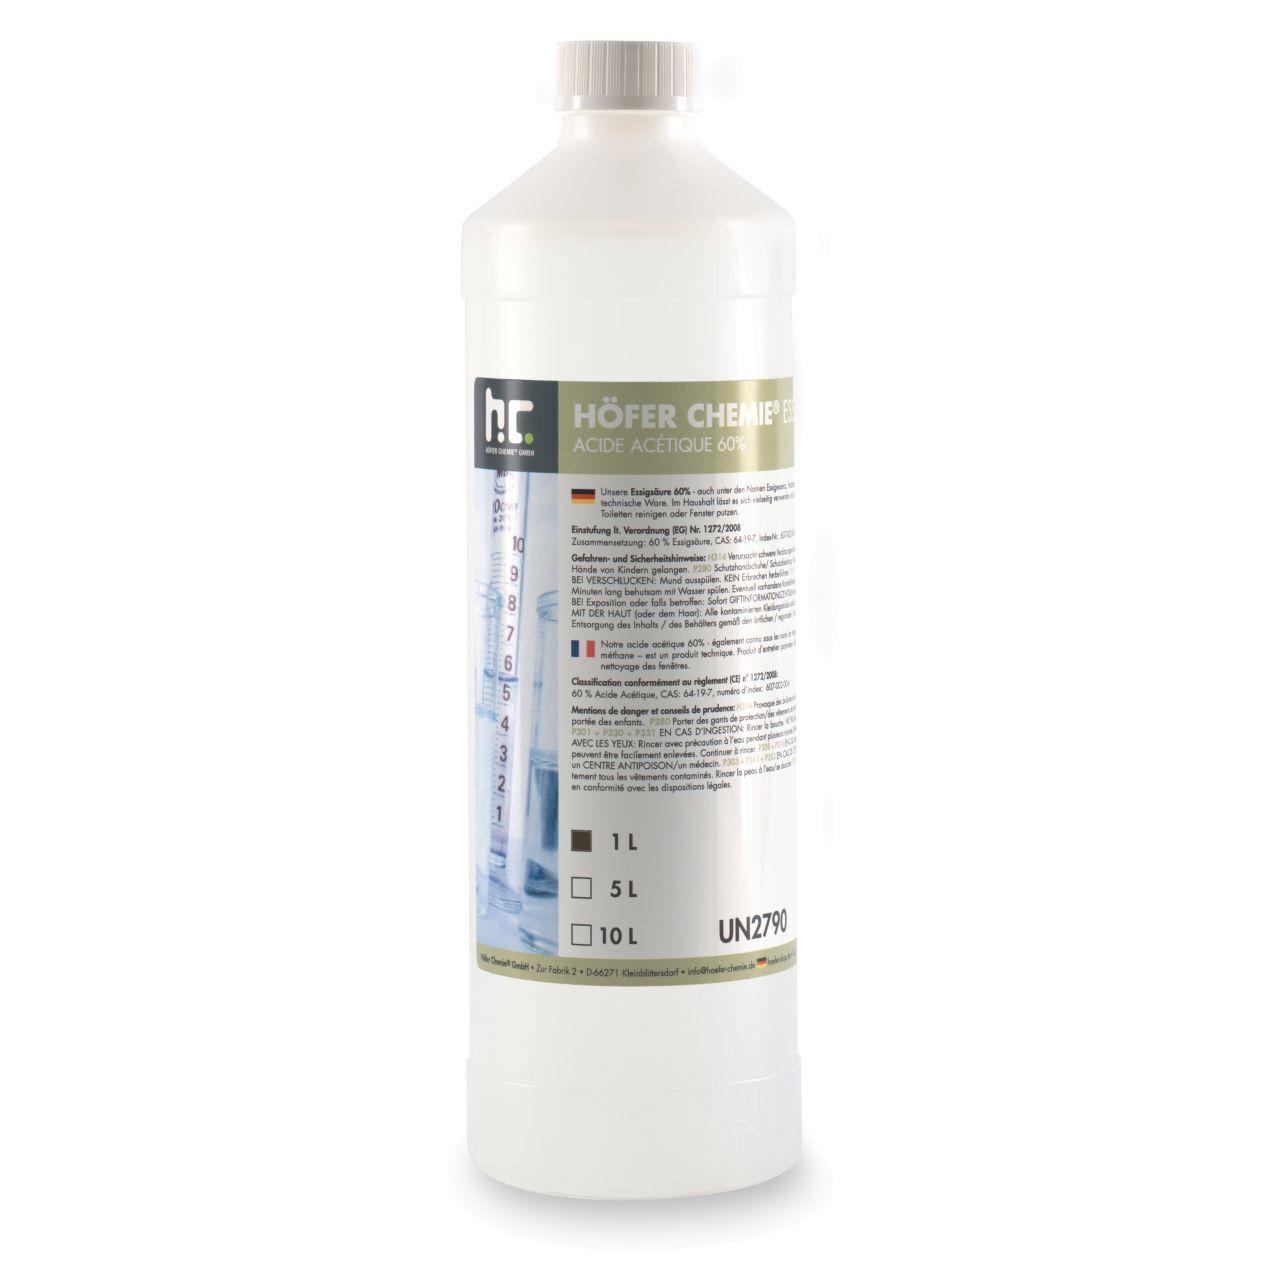 Höfer Chemie 24 l Acide Acétique 60% (24 x 1 l)